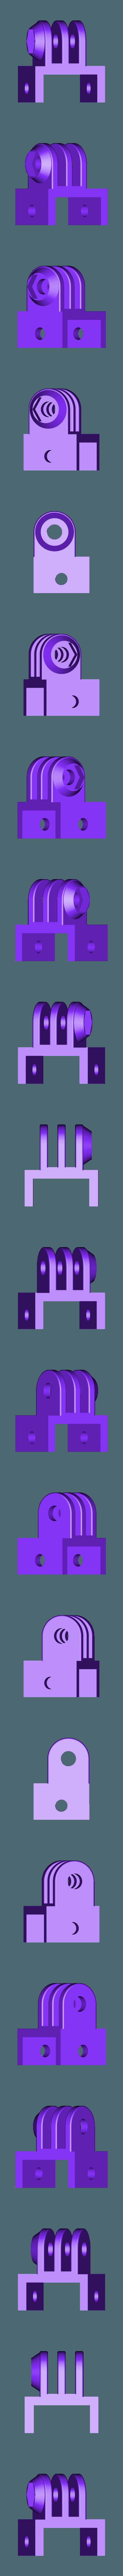 GoPro-Lenkrad-Halterung_-_connector_gopro.stl Télécharger fichier STL gratuit Support de guidon GoPro (personnalisable) • Design imprimable en 3D, dede67